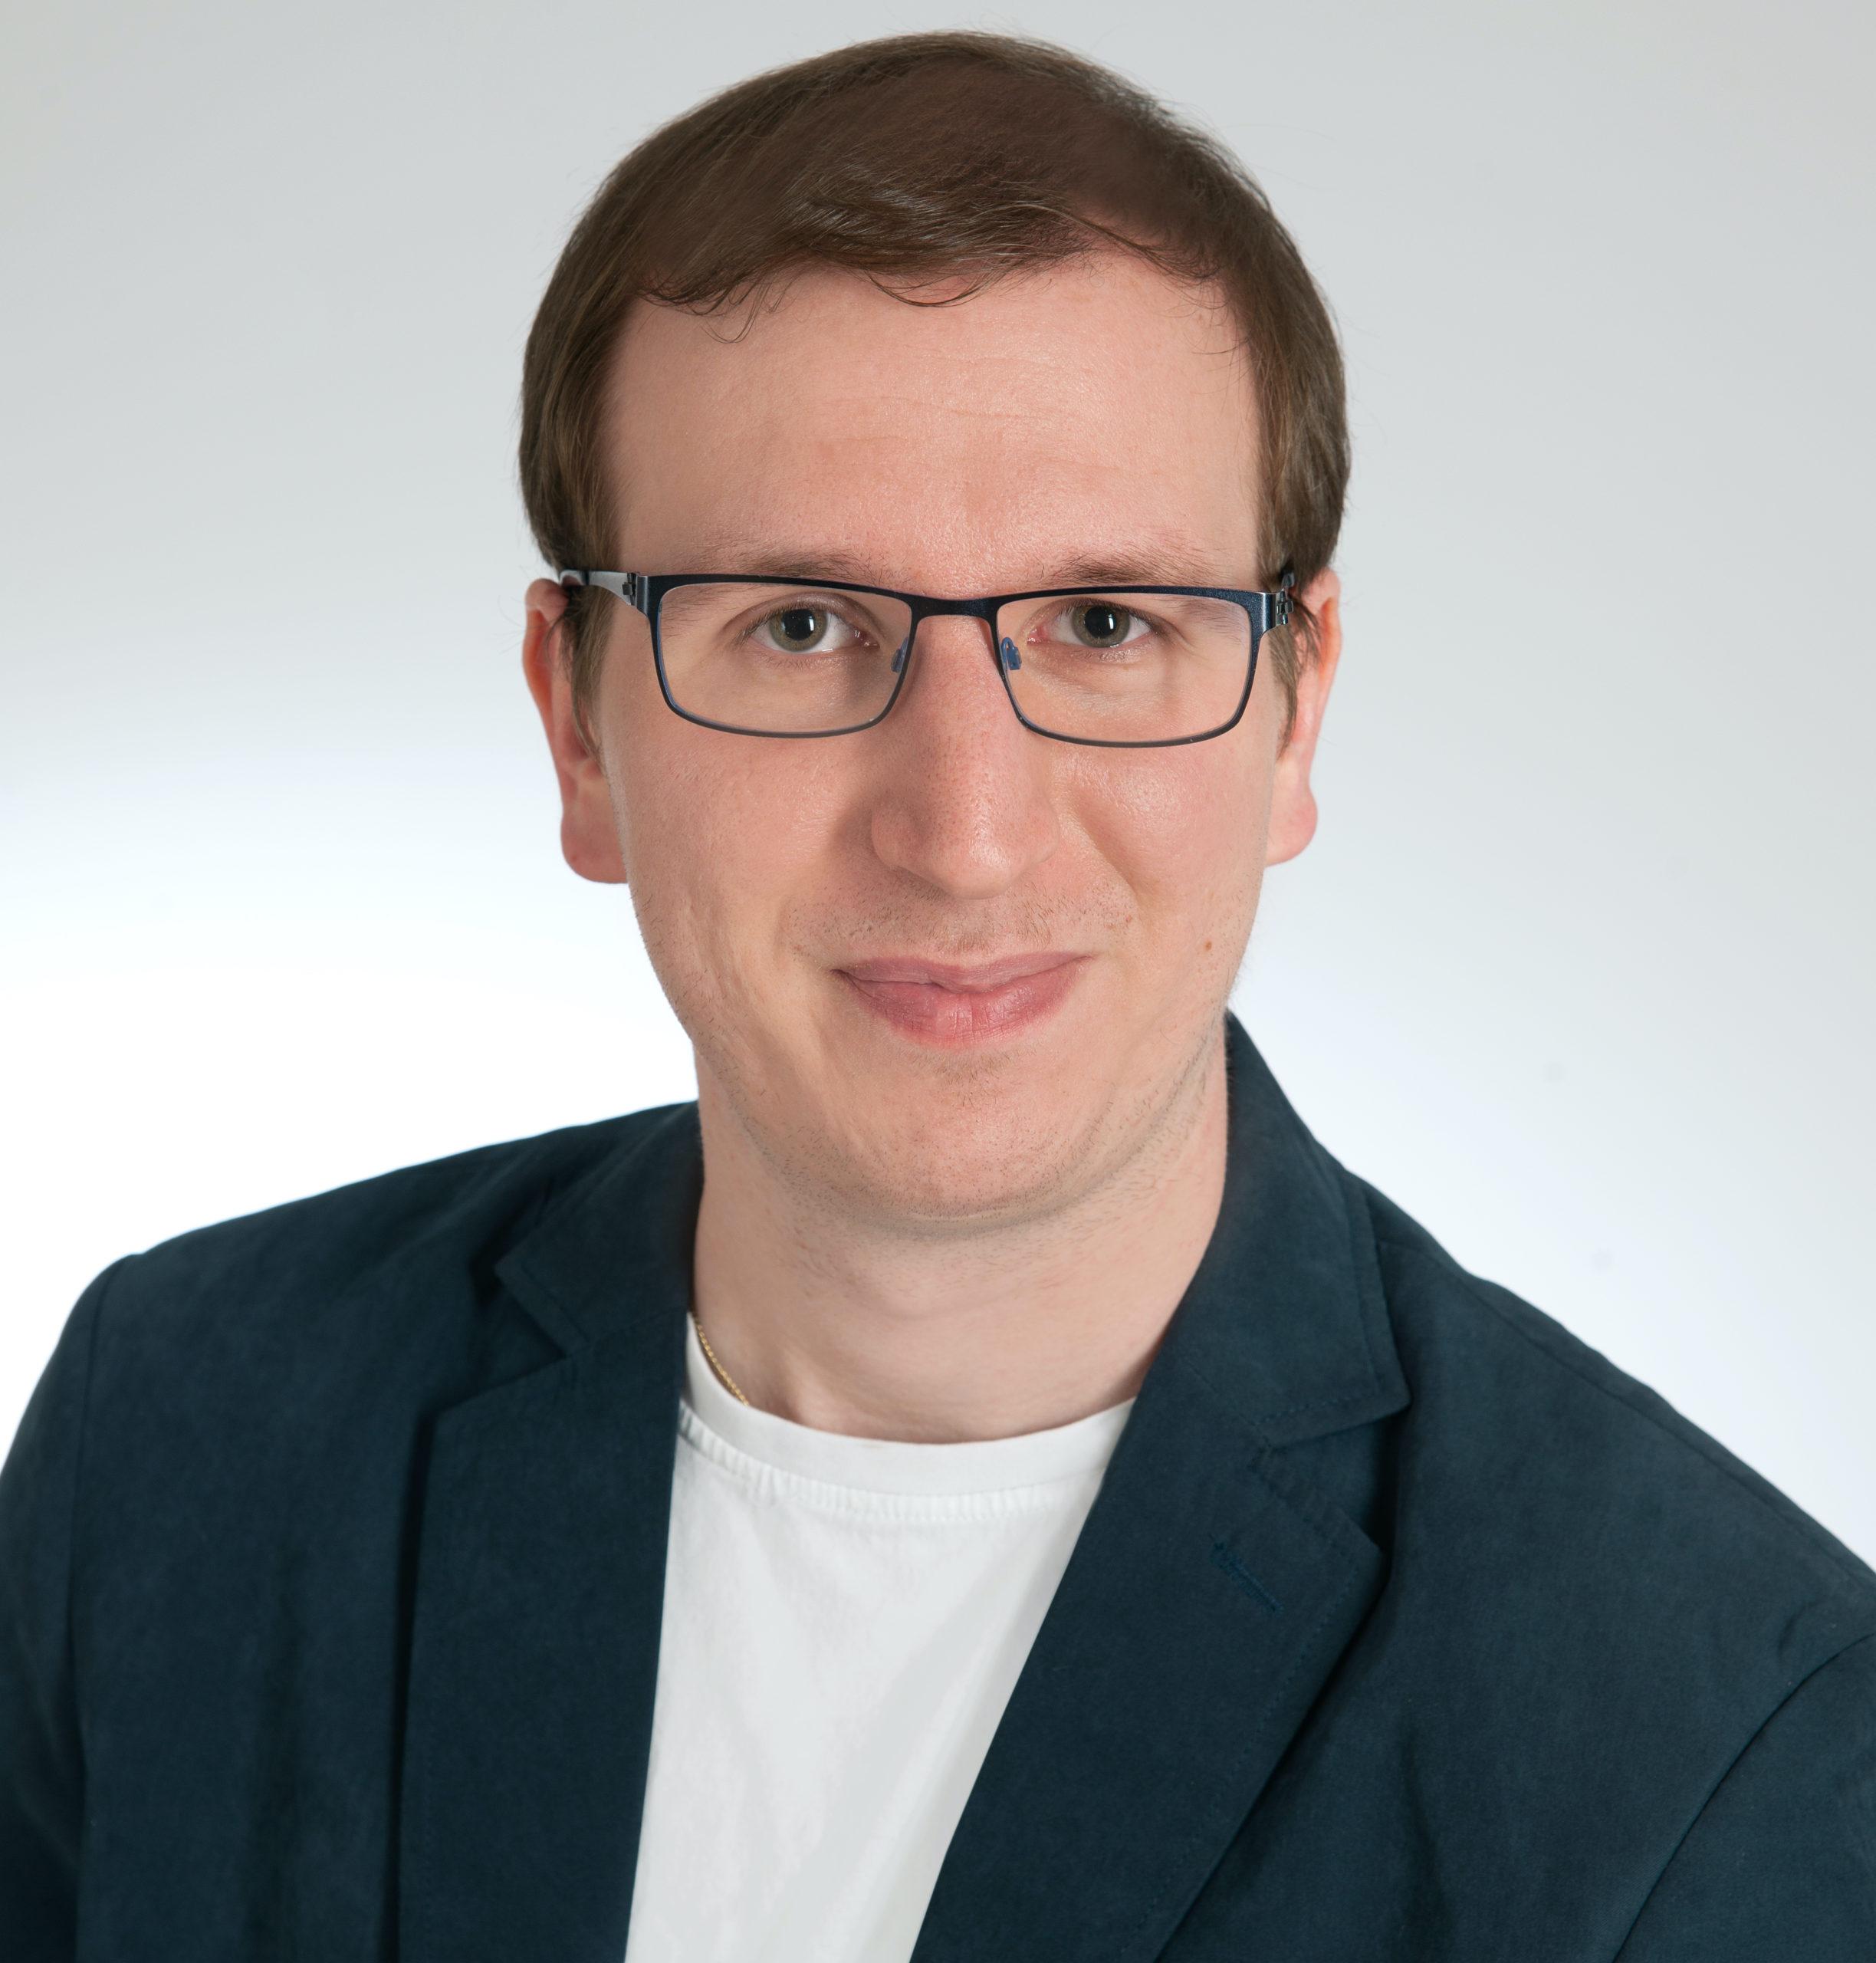 Philipp Feichtinger